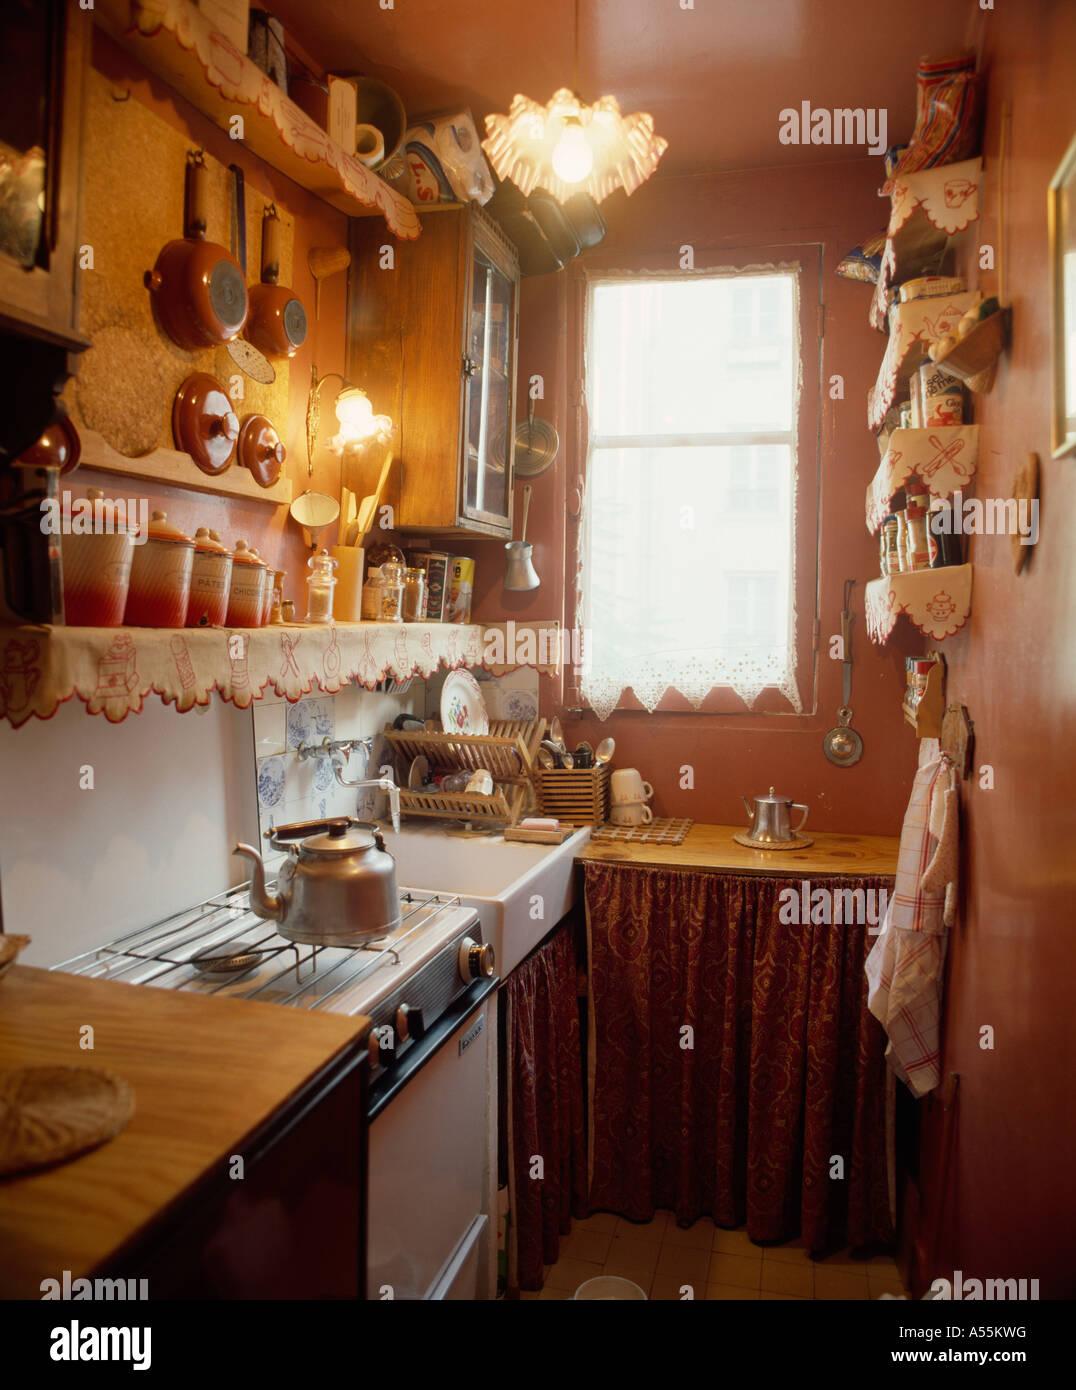 Kleine Küche mit Terrakotta-Wände und Wasserkocher auf Herd unter ...